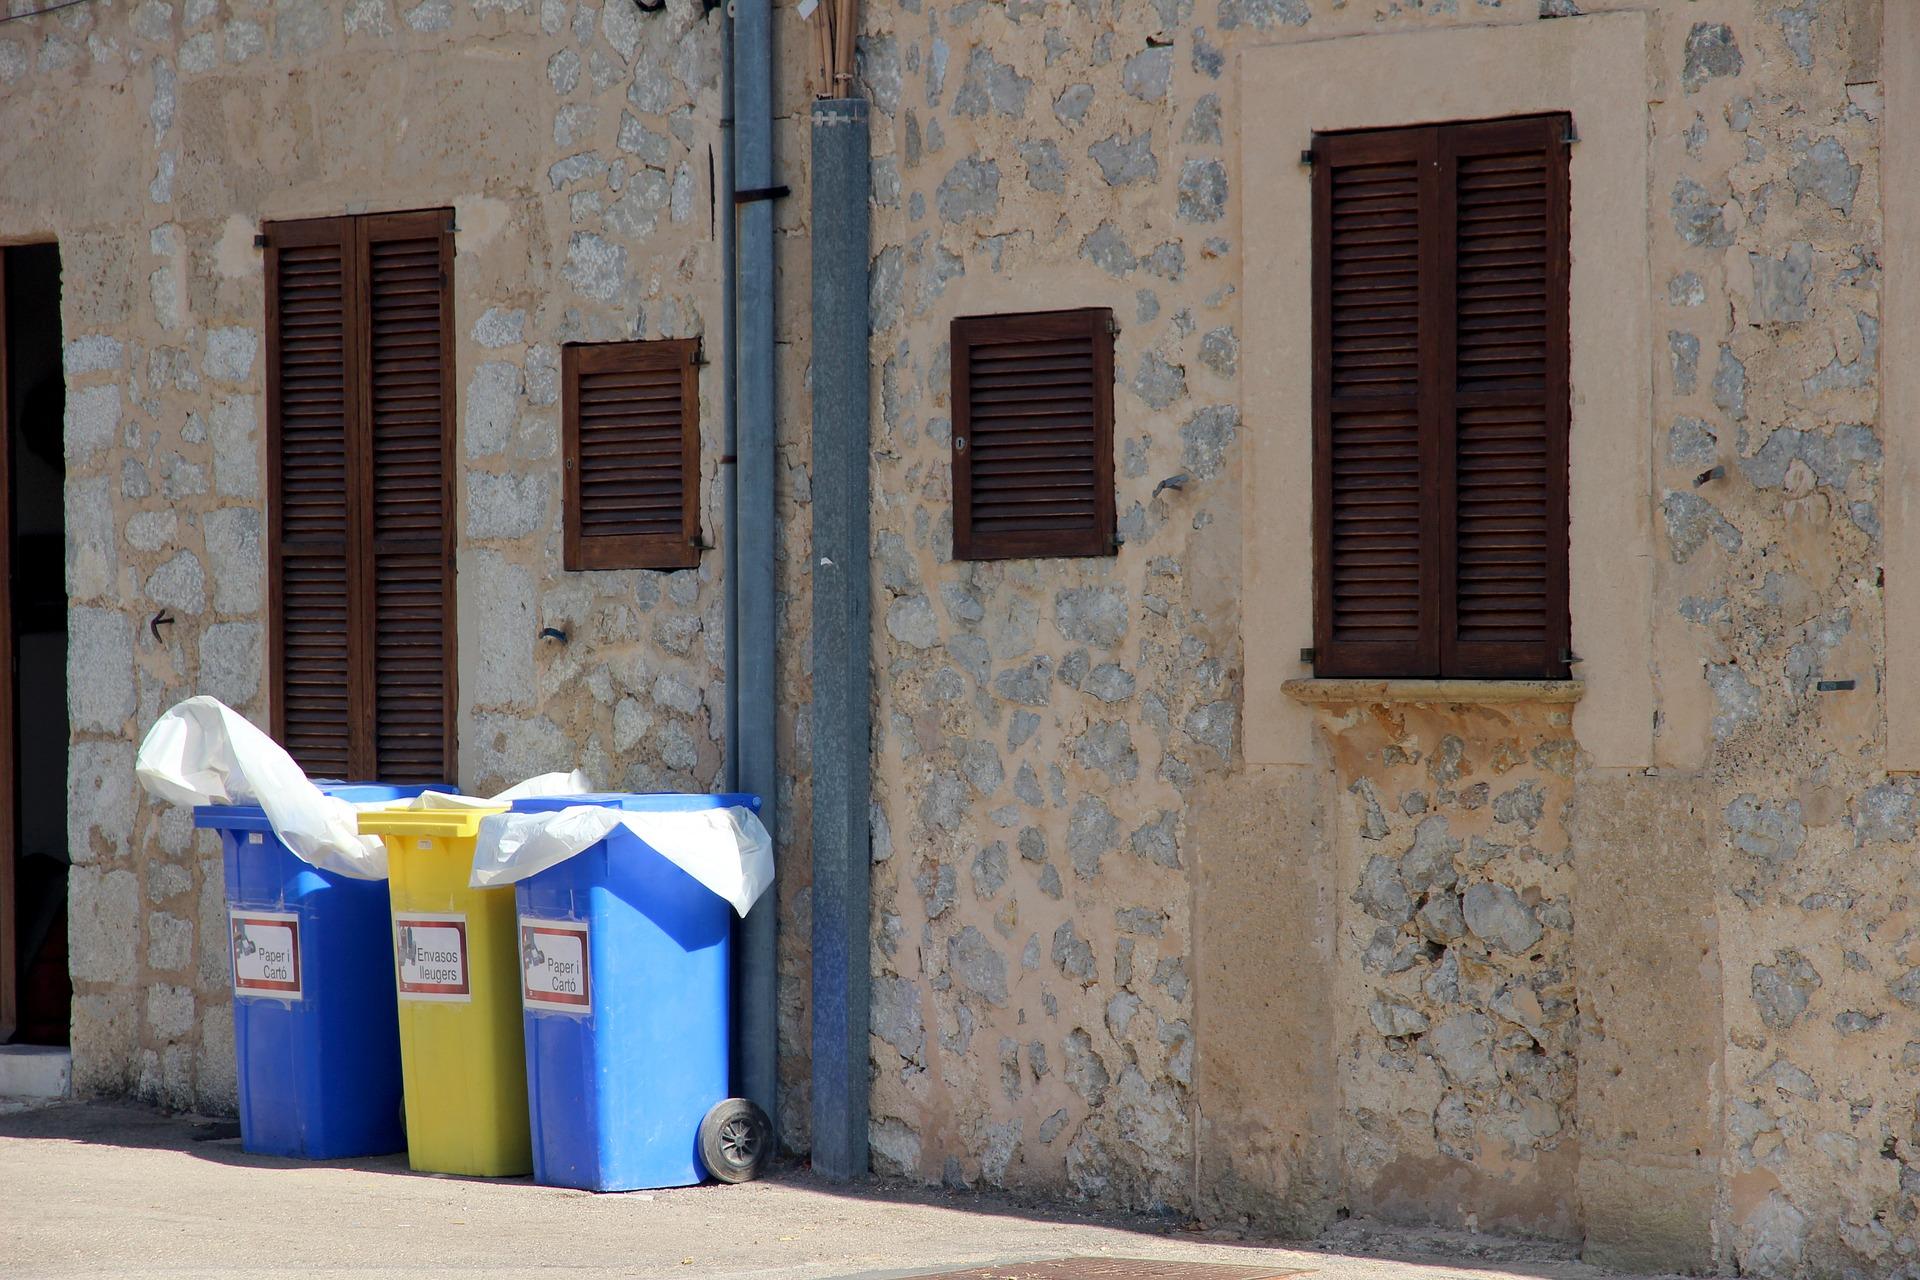 kosze, śmieci, odpady, budynek